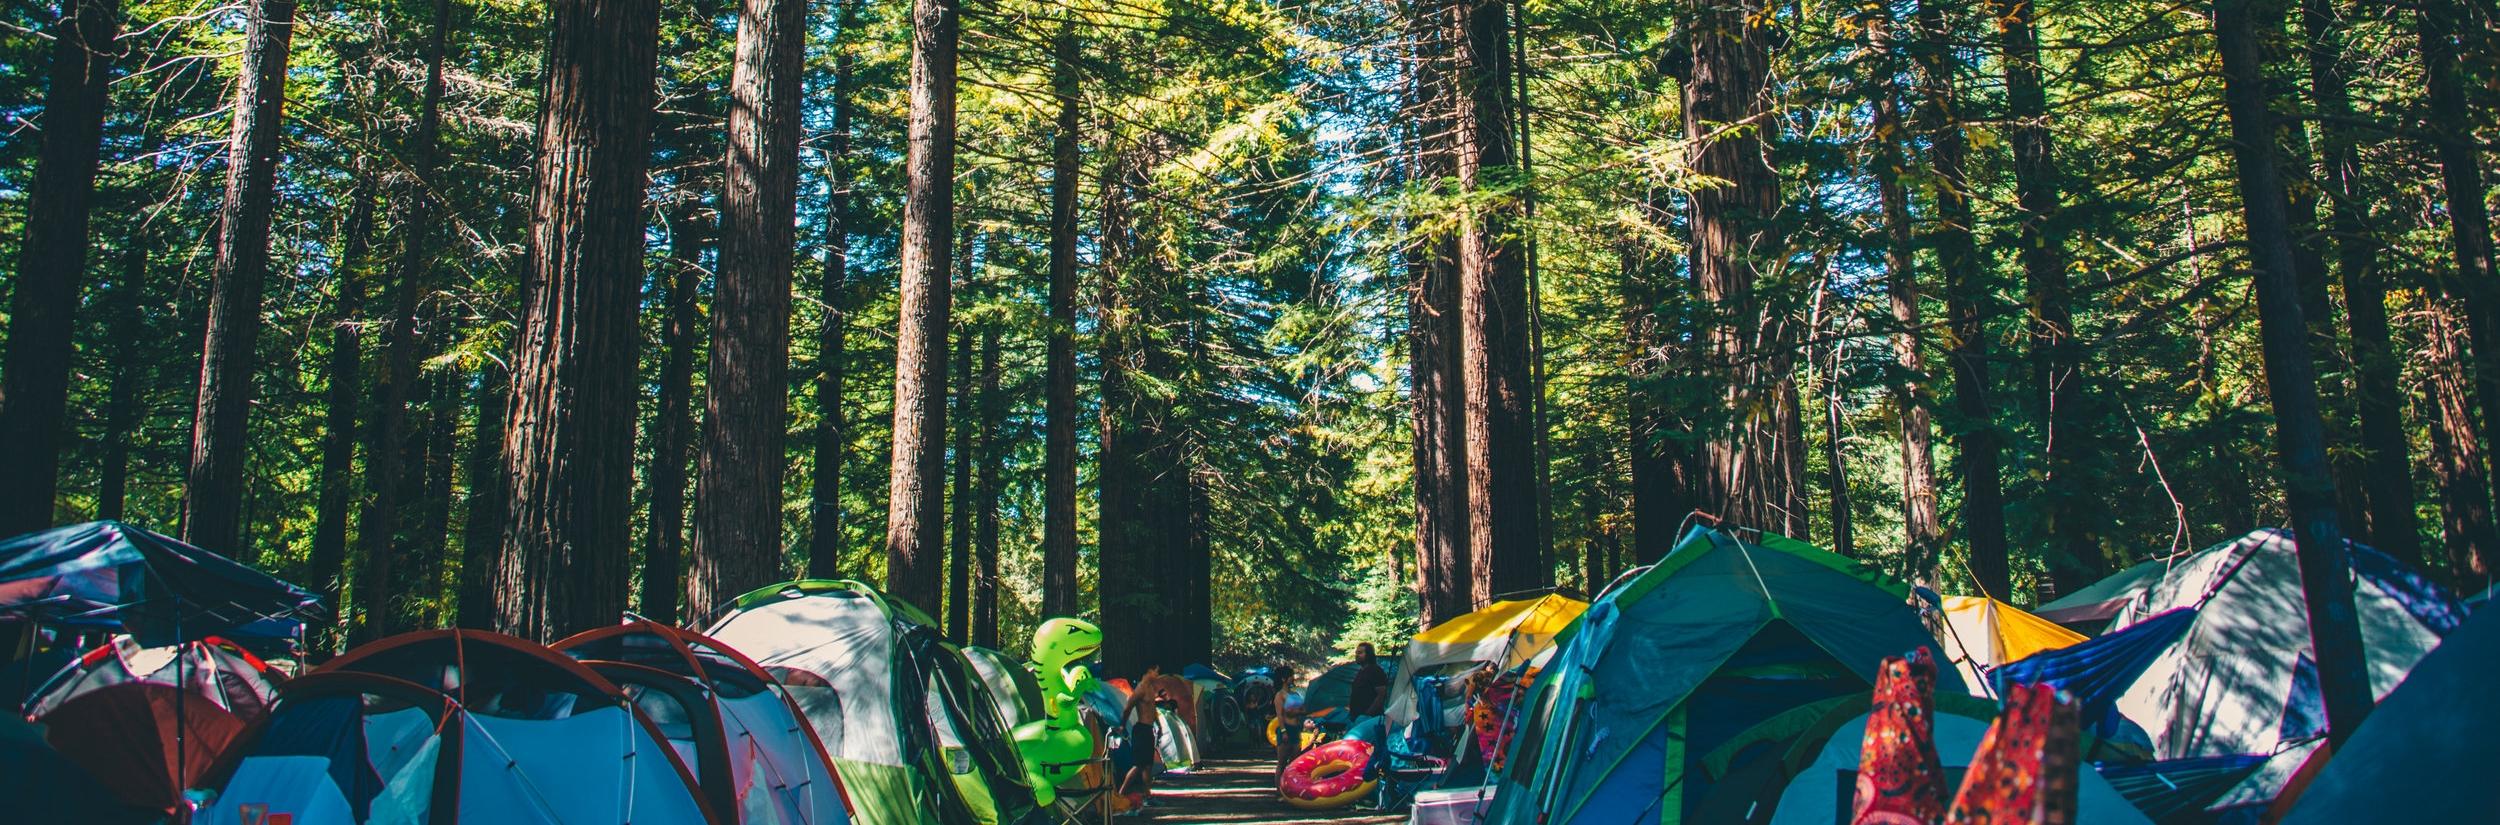 redwood-camping-festival.jpg